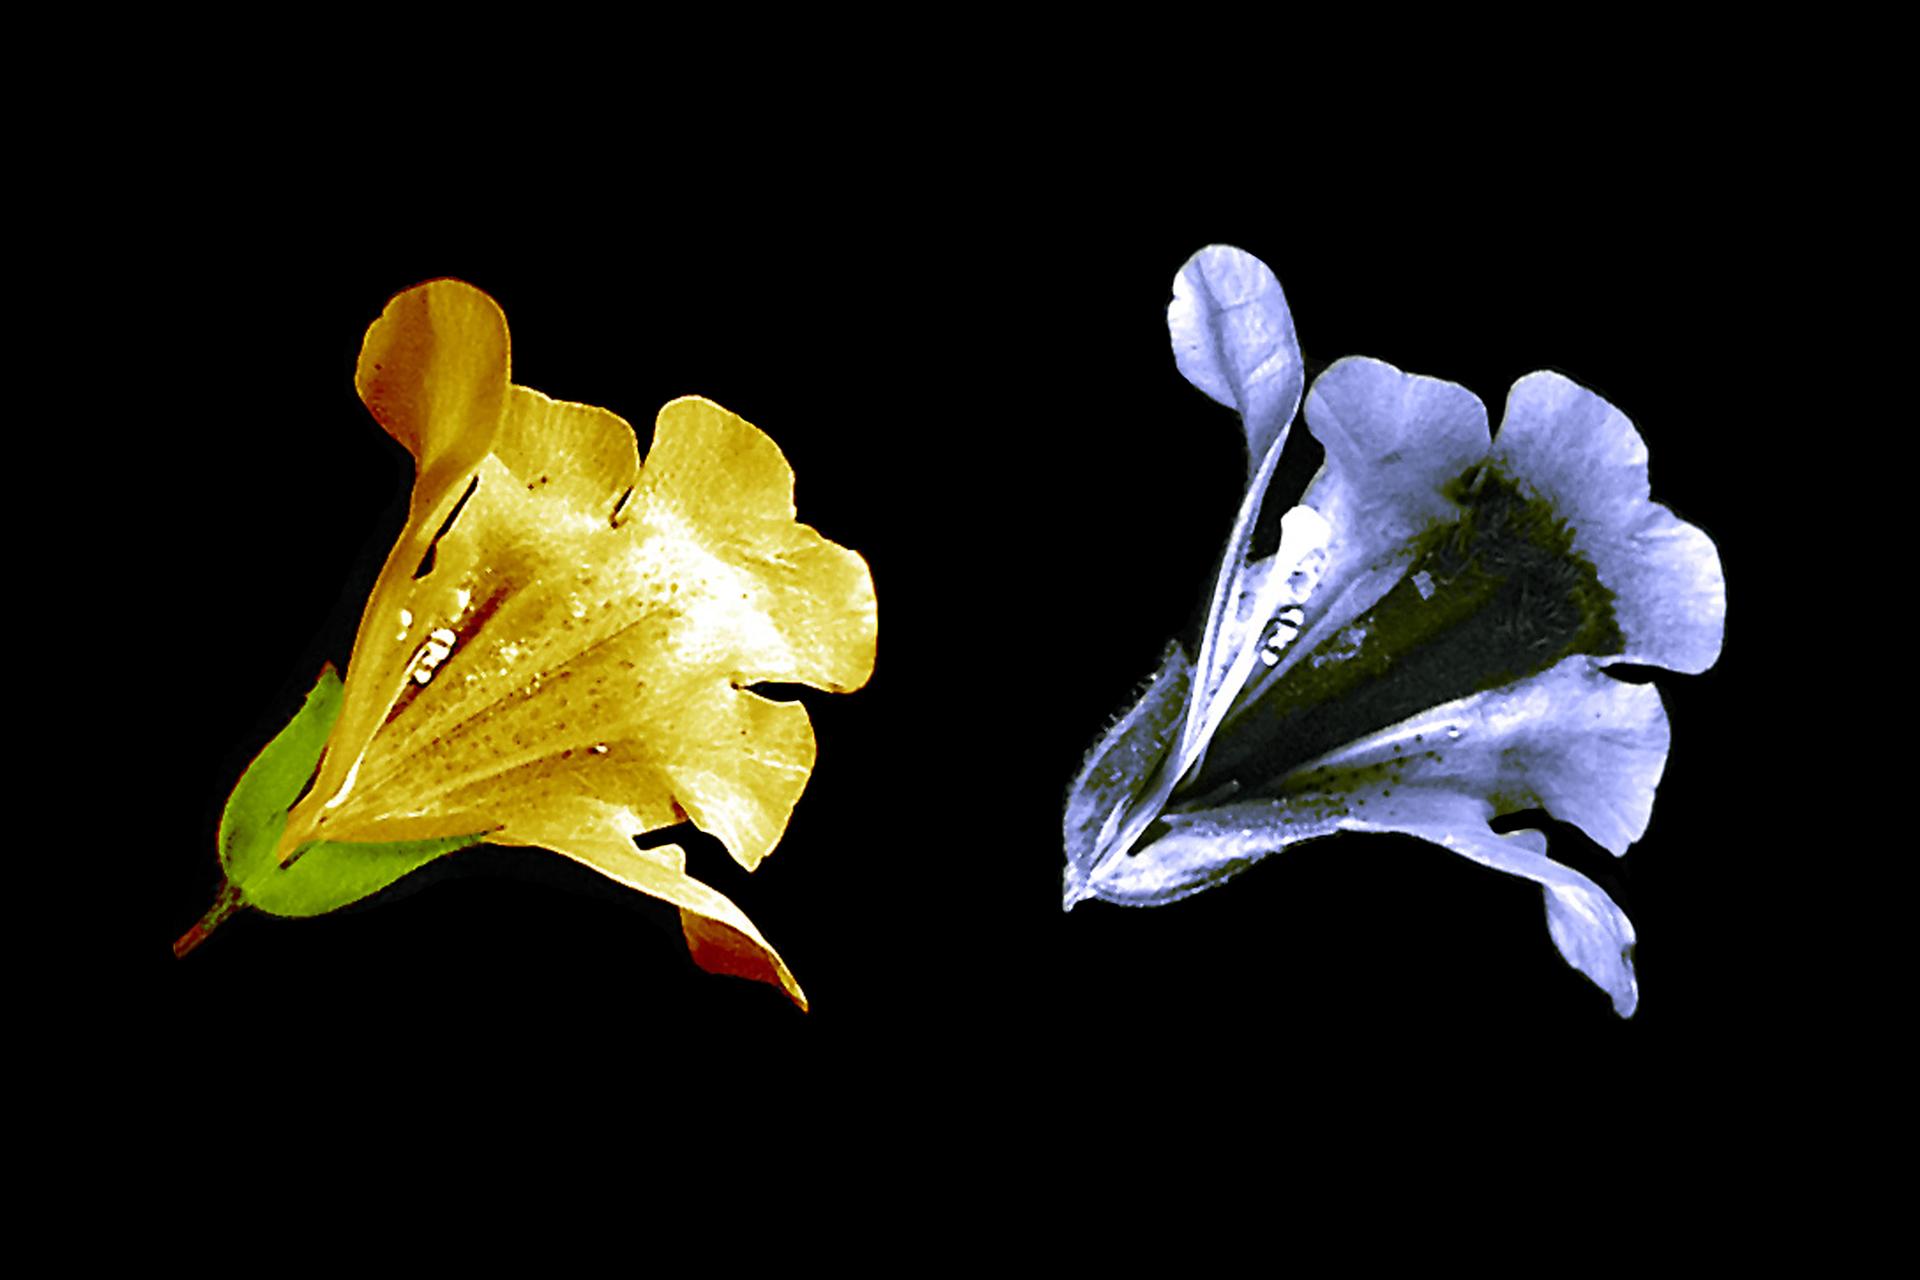 Zdjęcie przedstawia kwiat widziany przez człowieka iprzez pszczołę, człowiek widzi żółty kwiat, pszoła niebieski iod razu wnętrze.